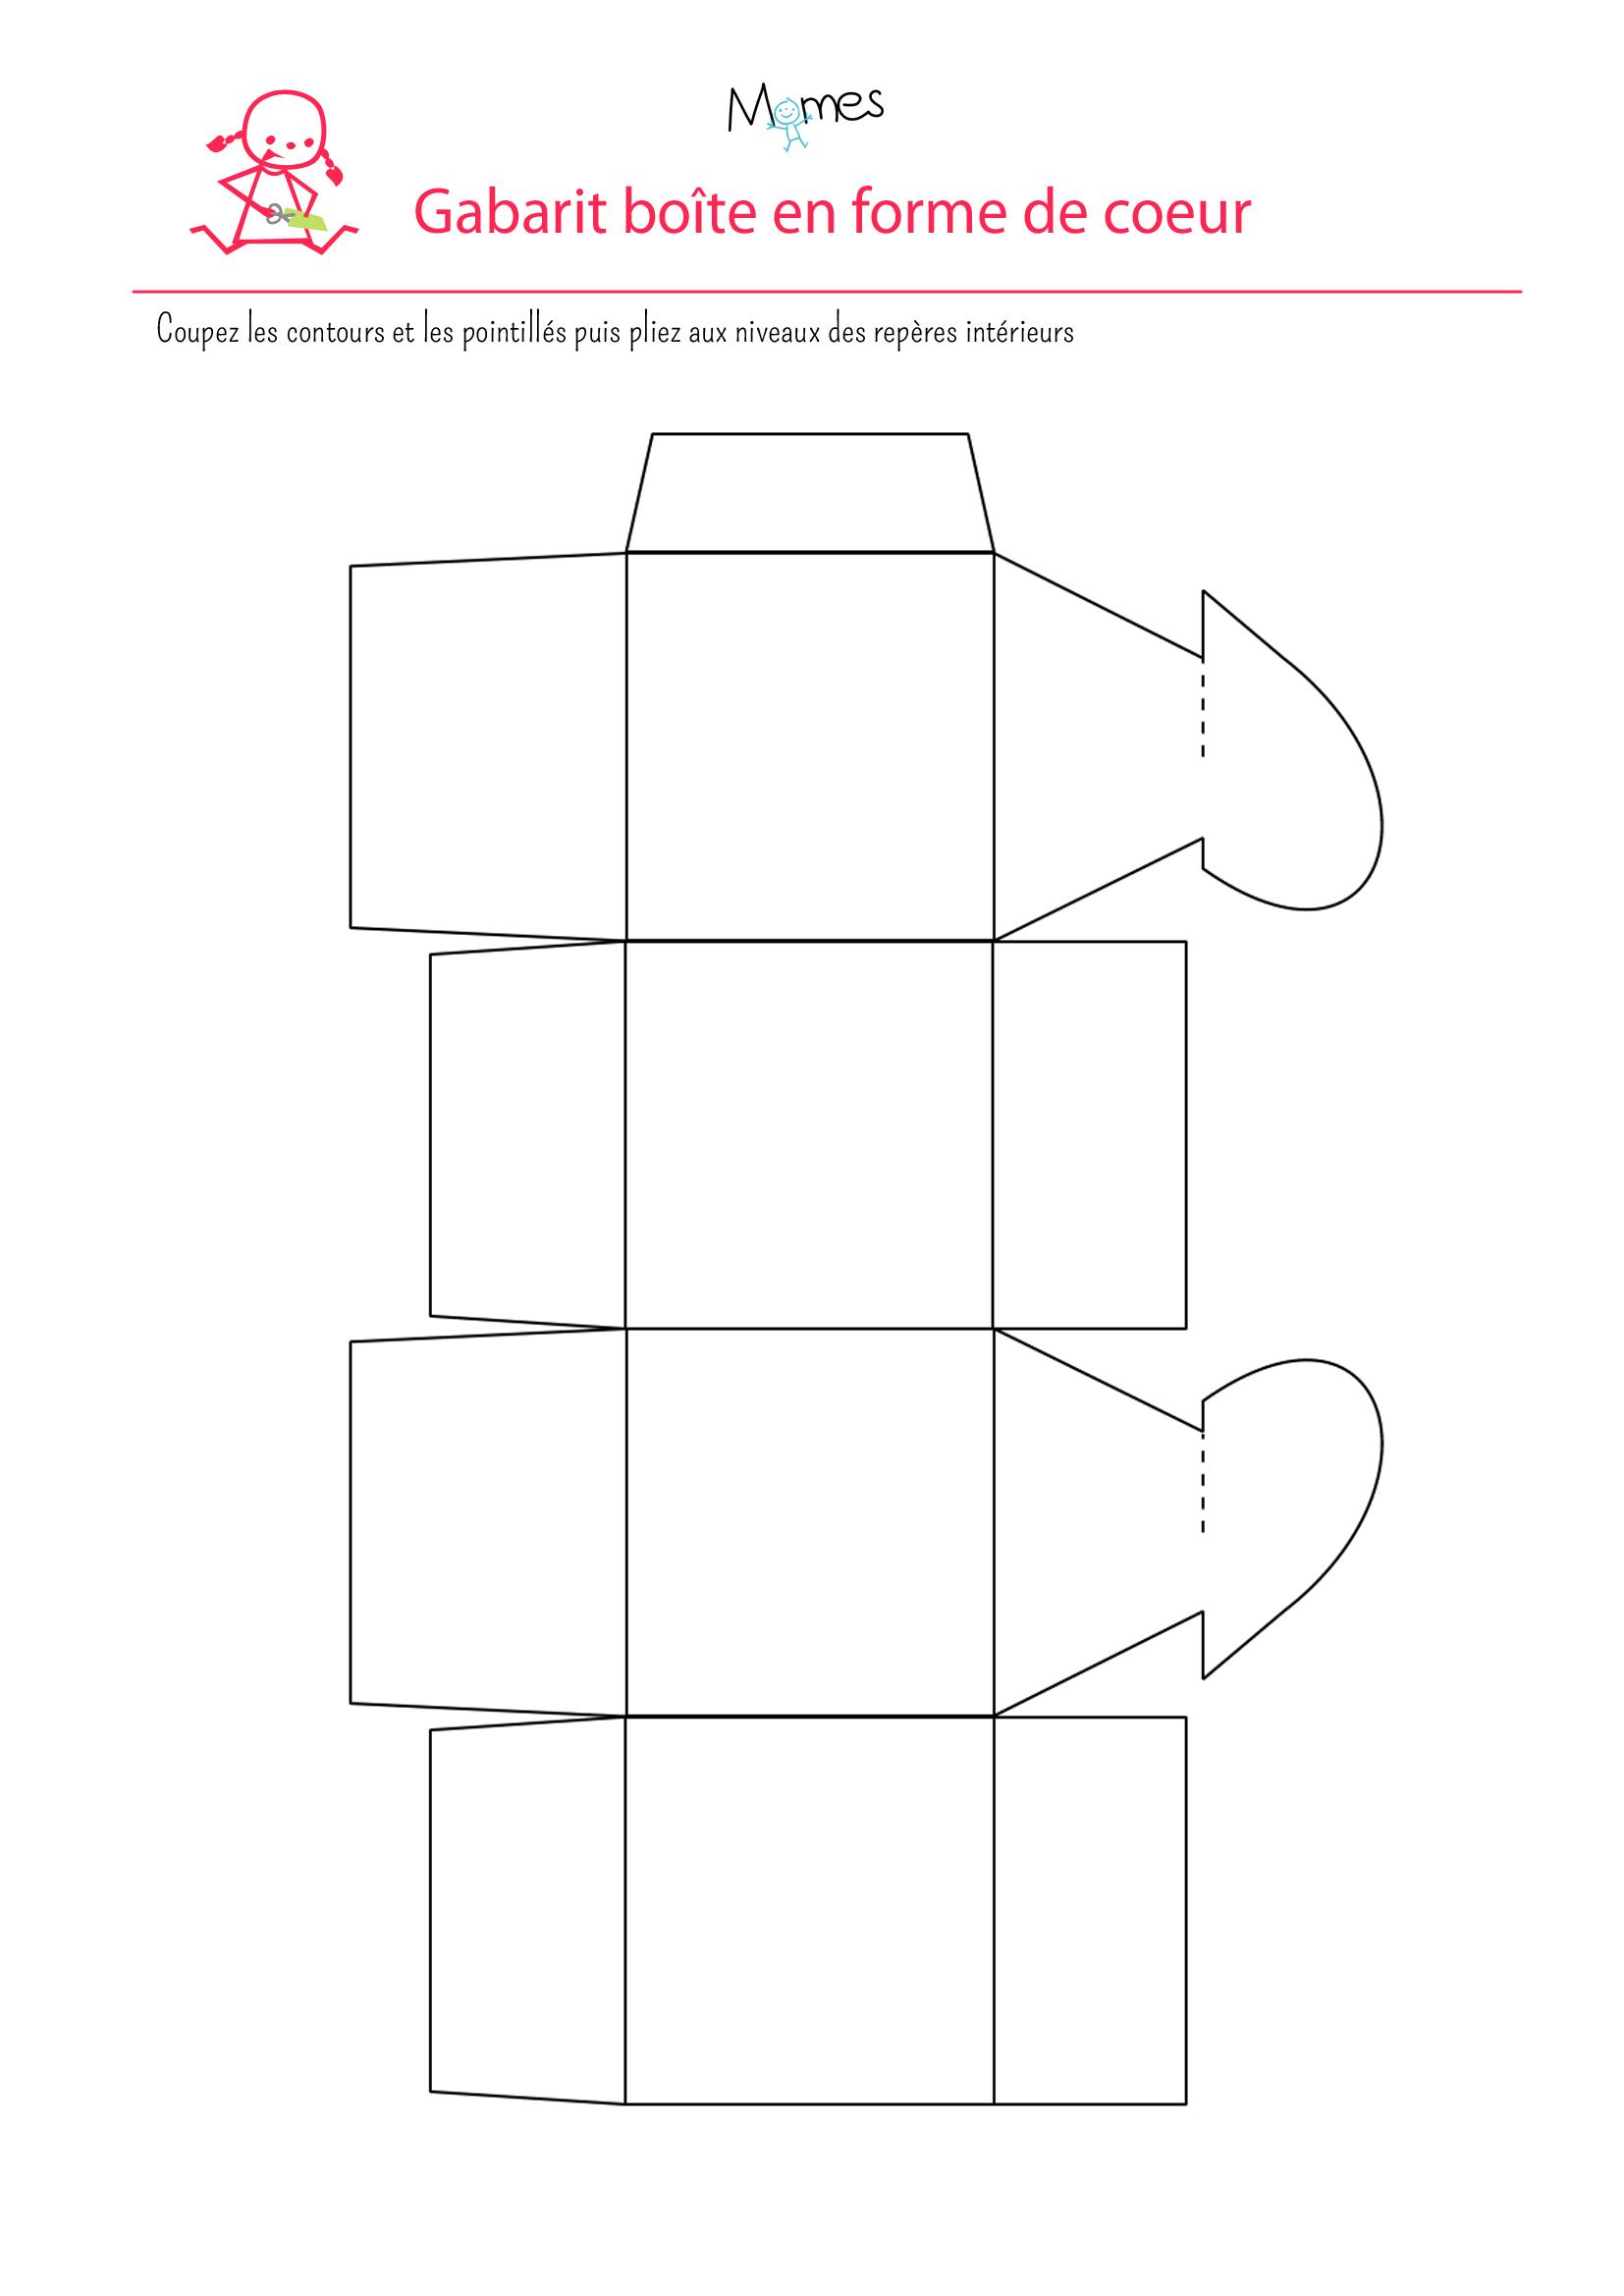 Fabriquer Un Boîte Cadeau En Forme De Coeur - Momes encequiconcerne Patron De Maison En Papier A Imprimer